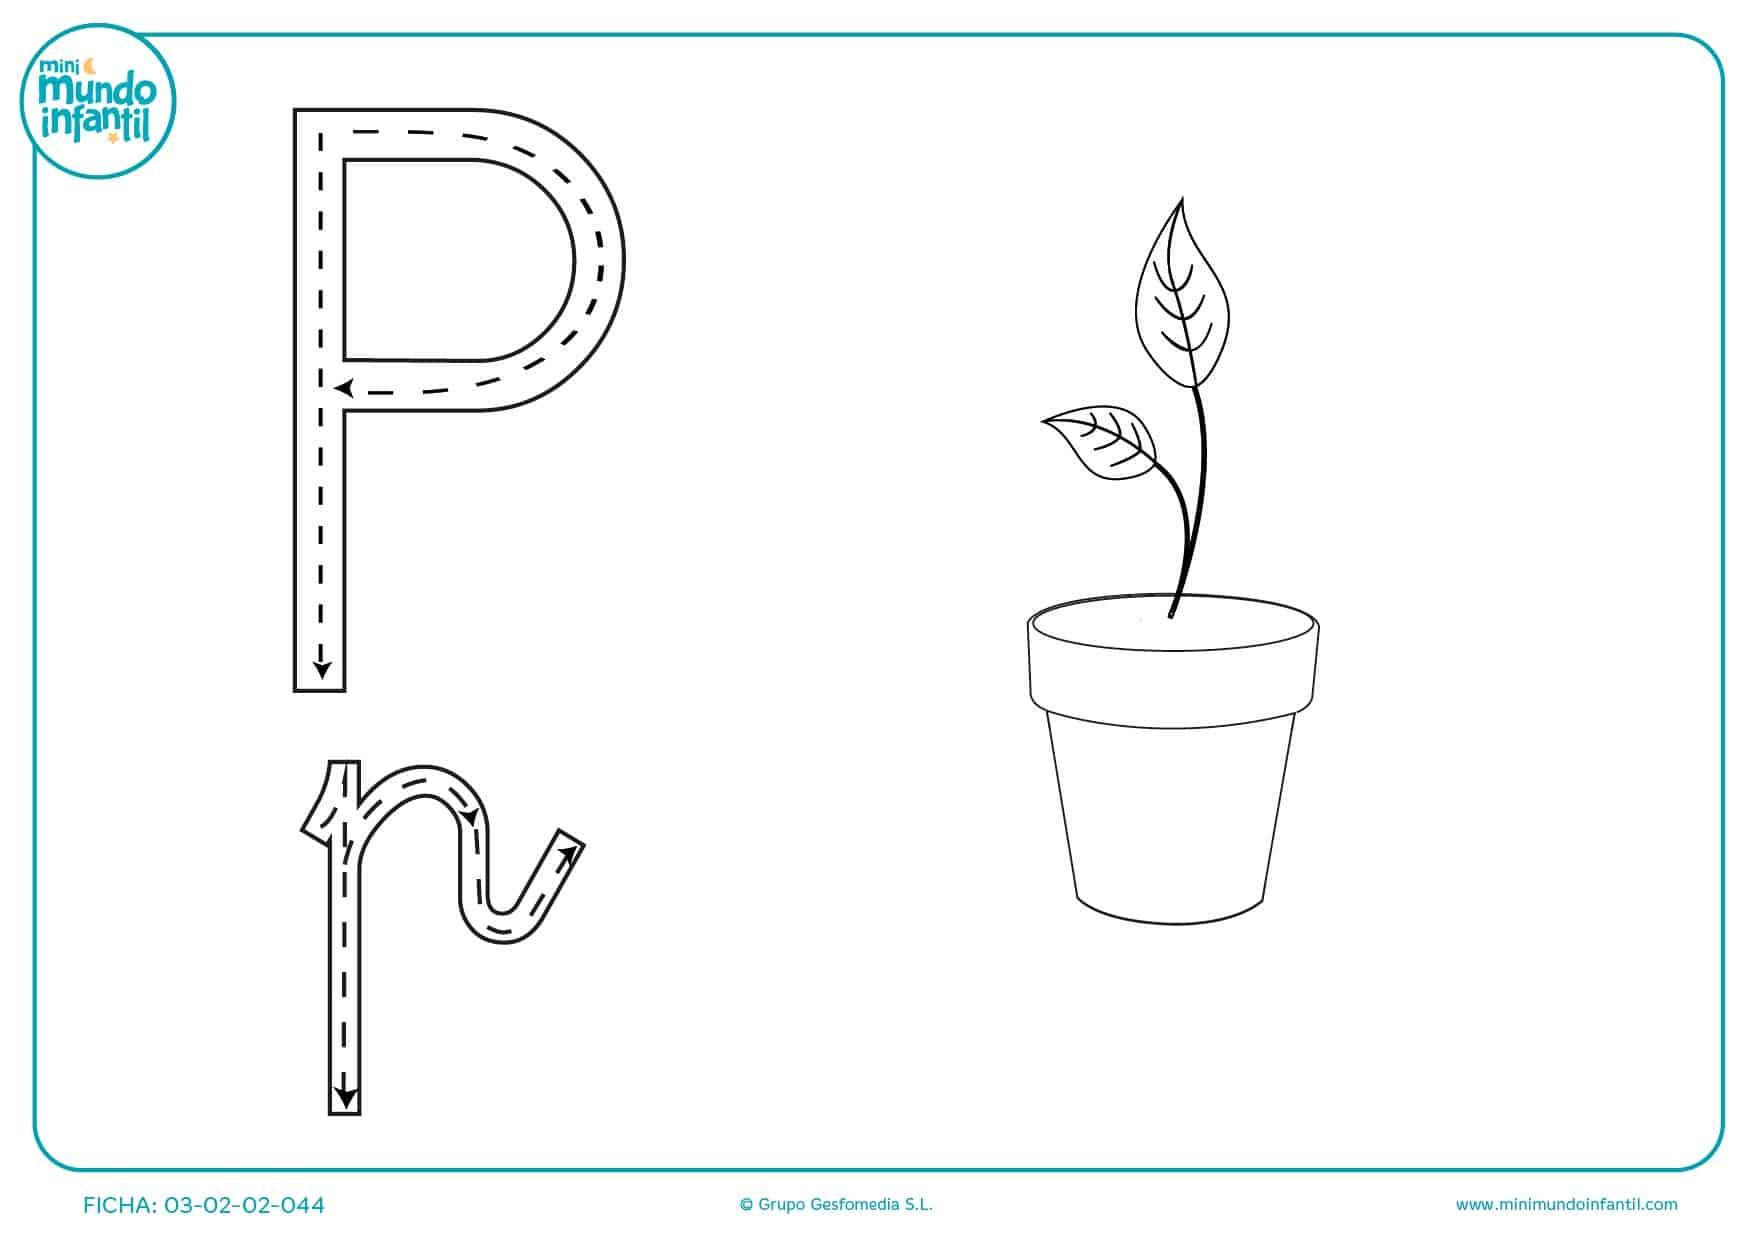 Aprender y seguir el trazo de la letra P